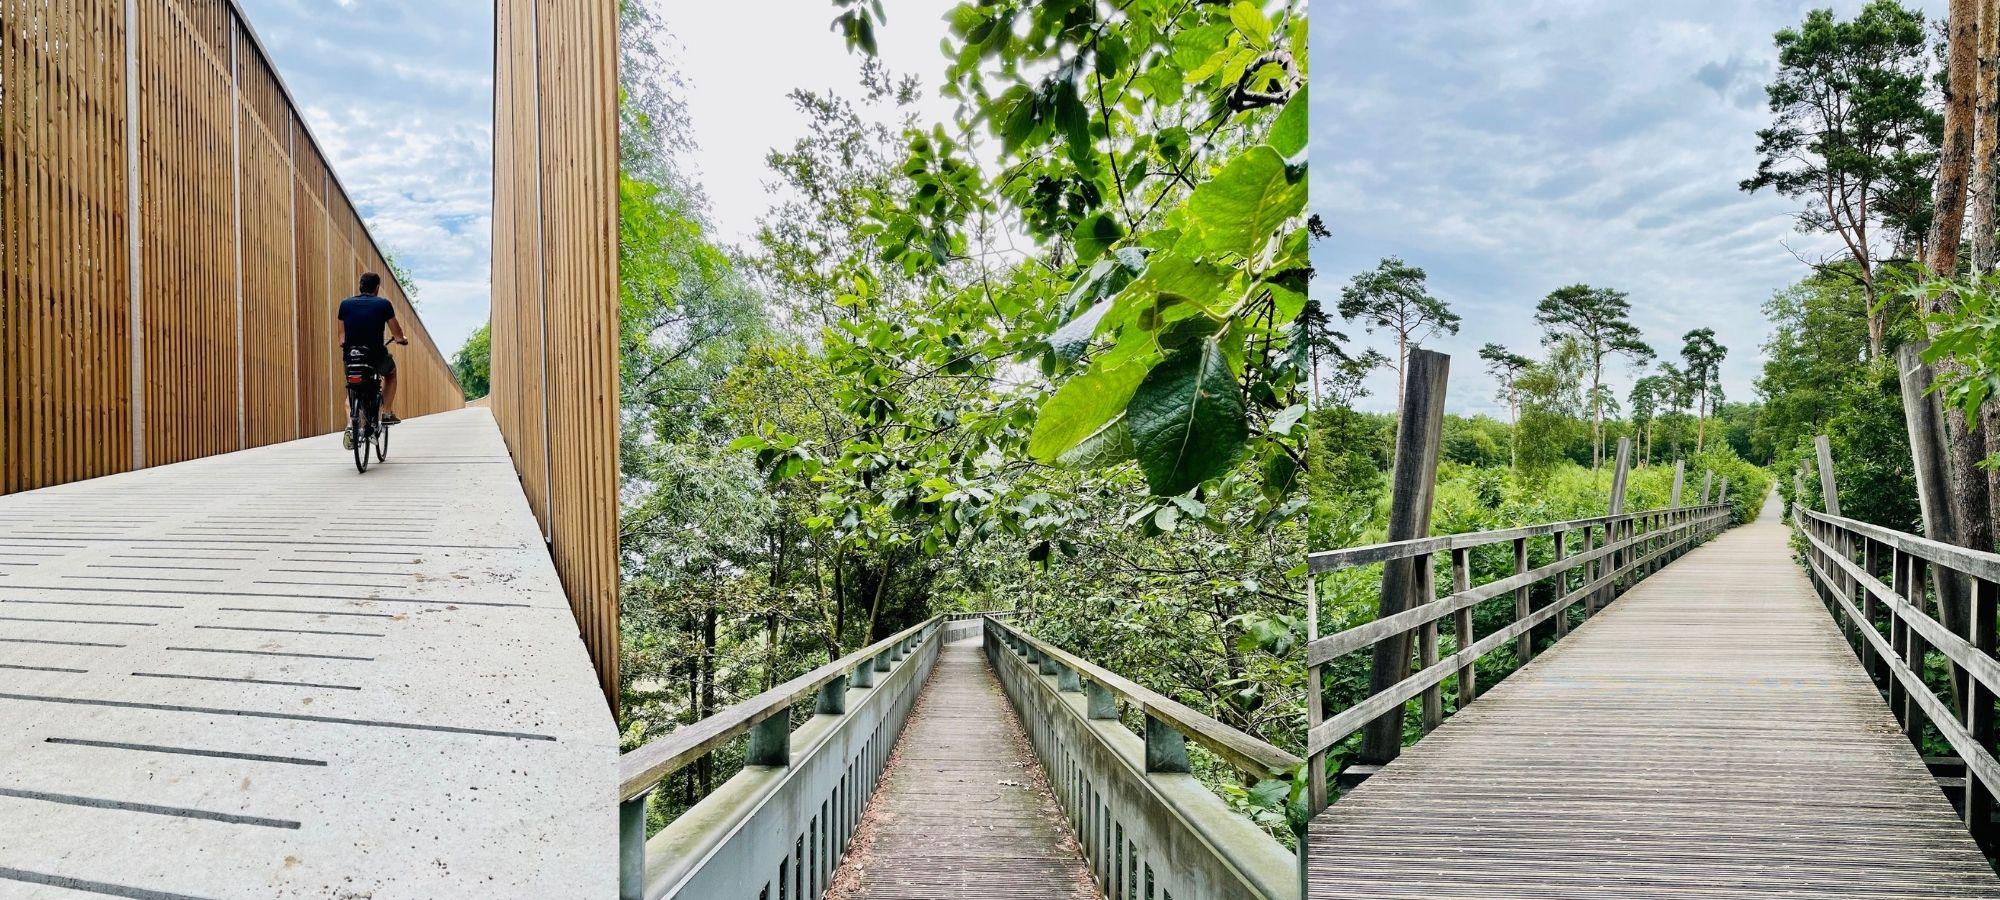 Bridges on a cycling route through Hoge Kempen Park, Belgium